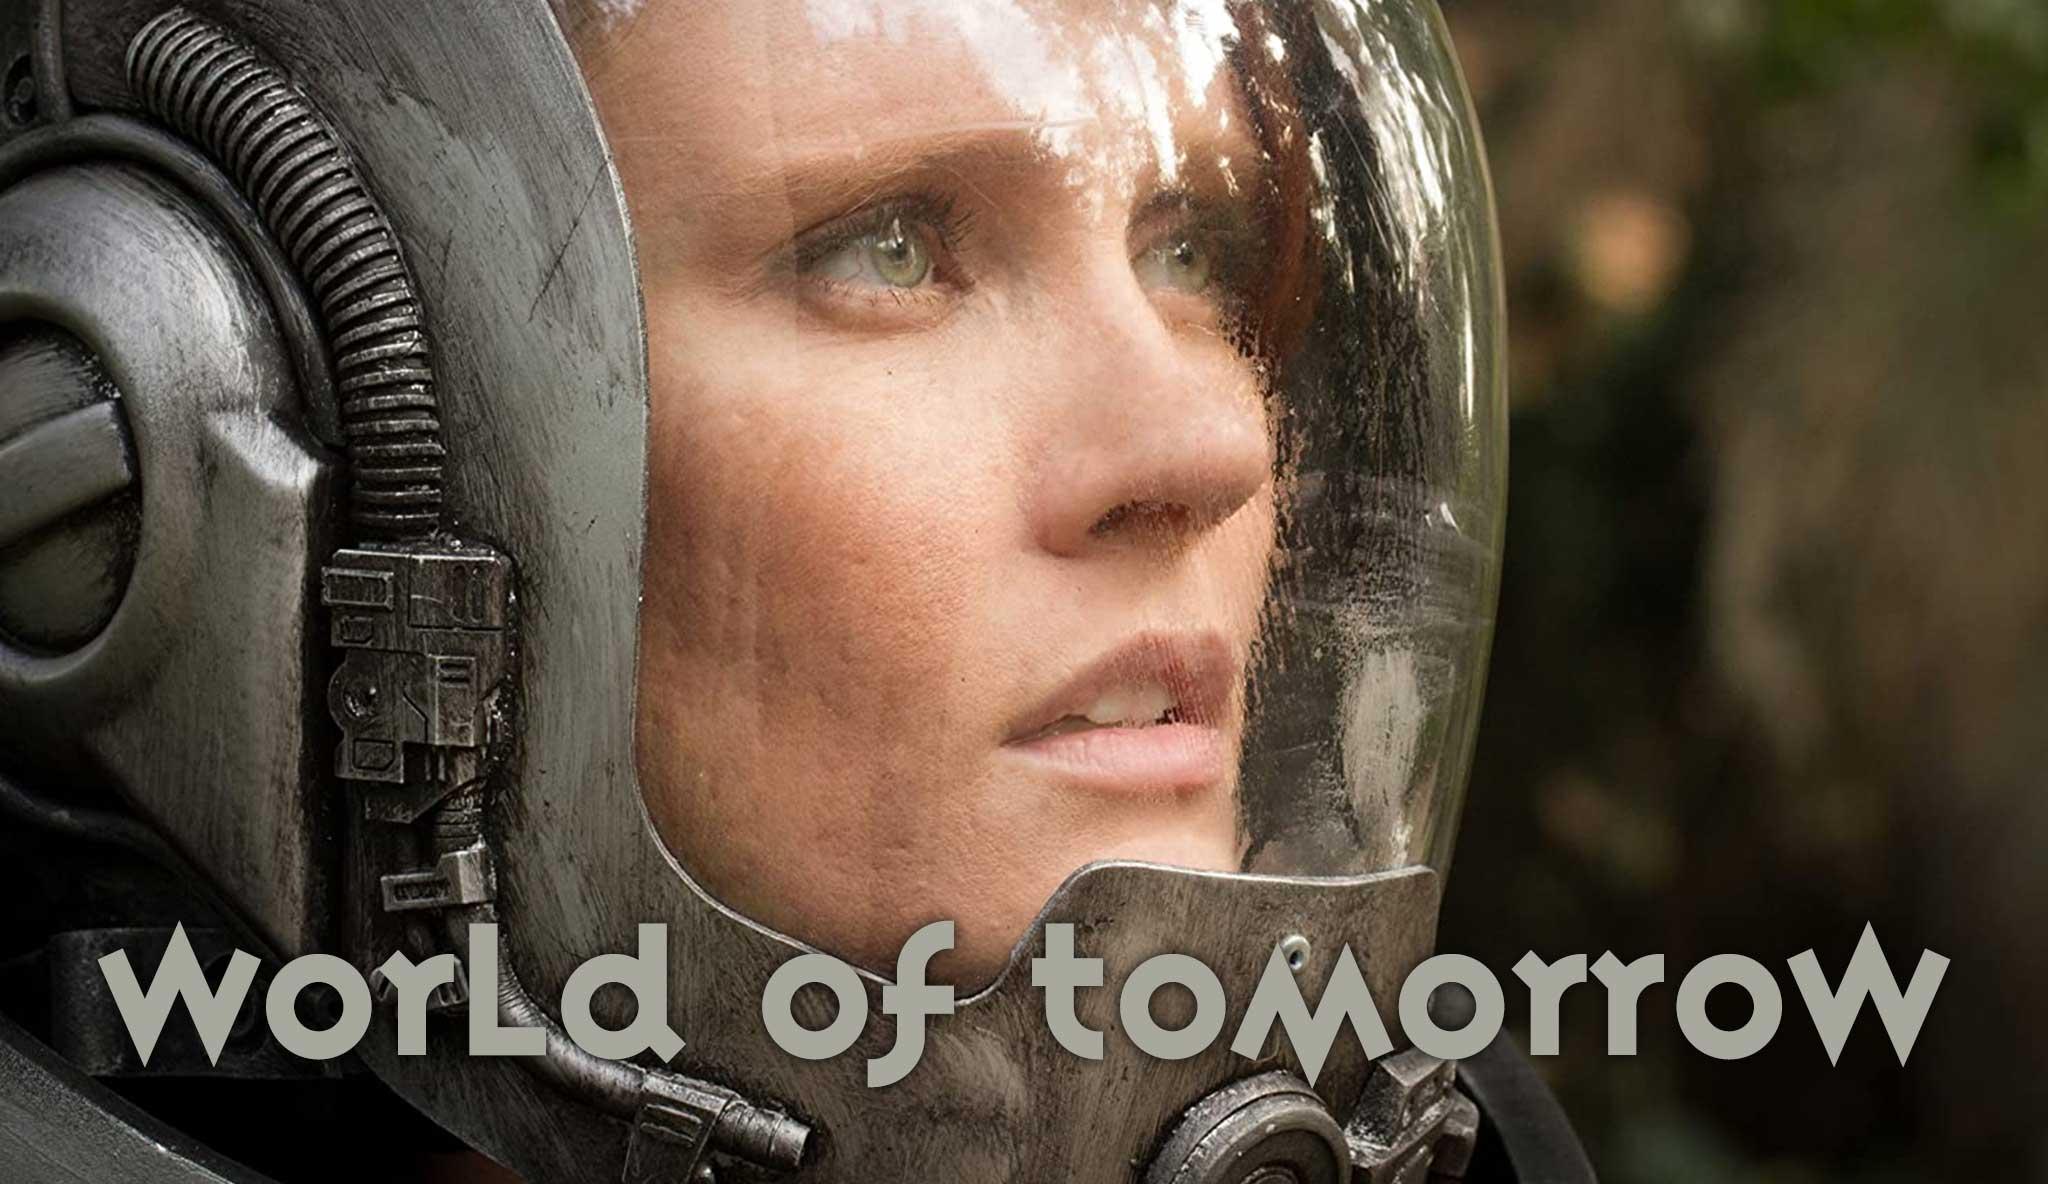 world-of-tomorrow-die-vernichtung-hat-begonnen\header.jpg